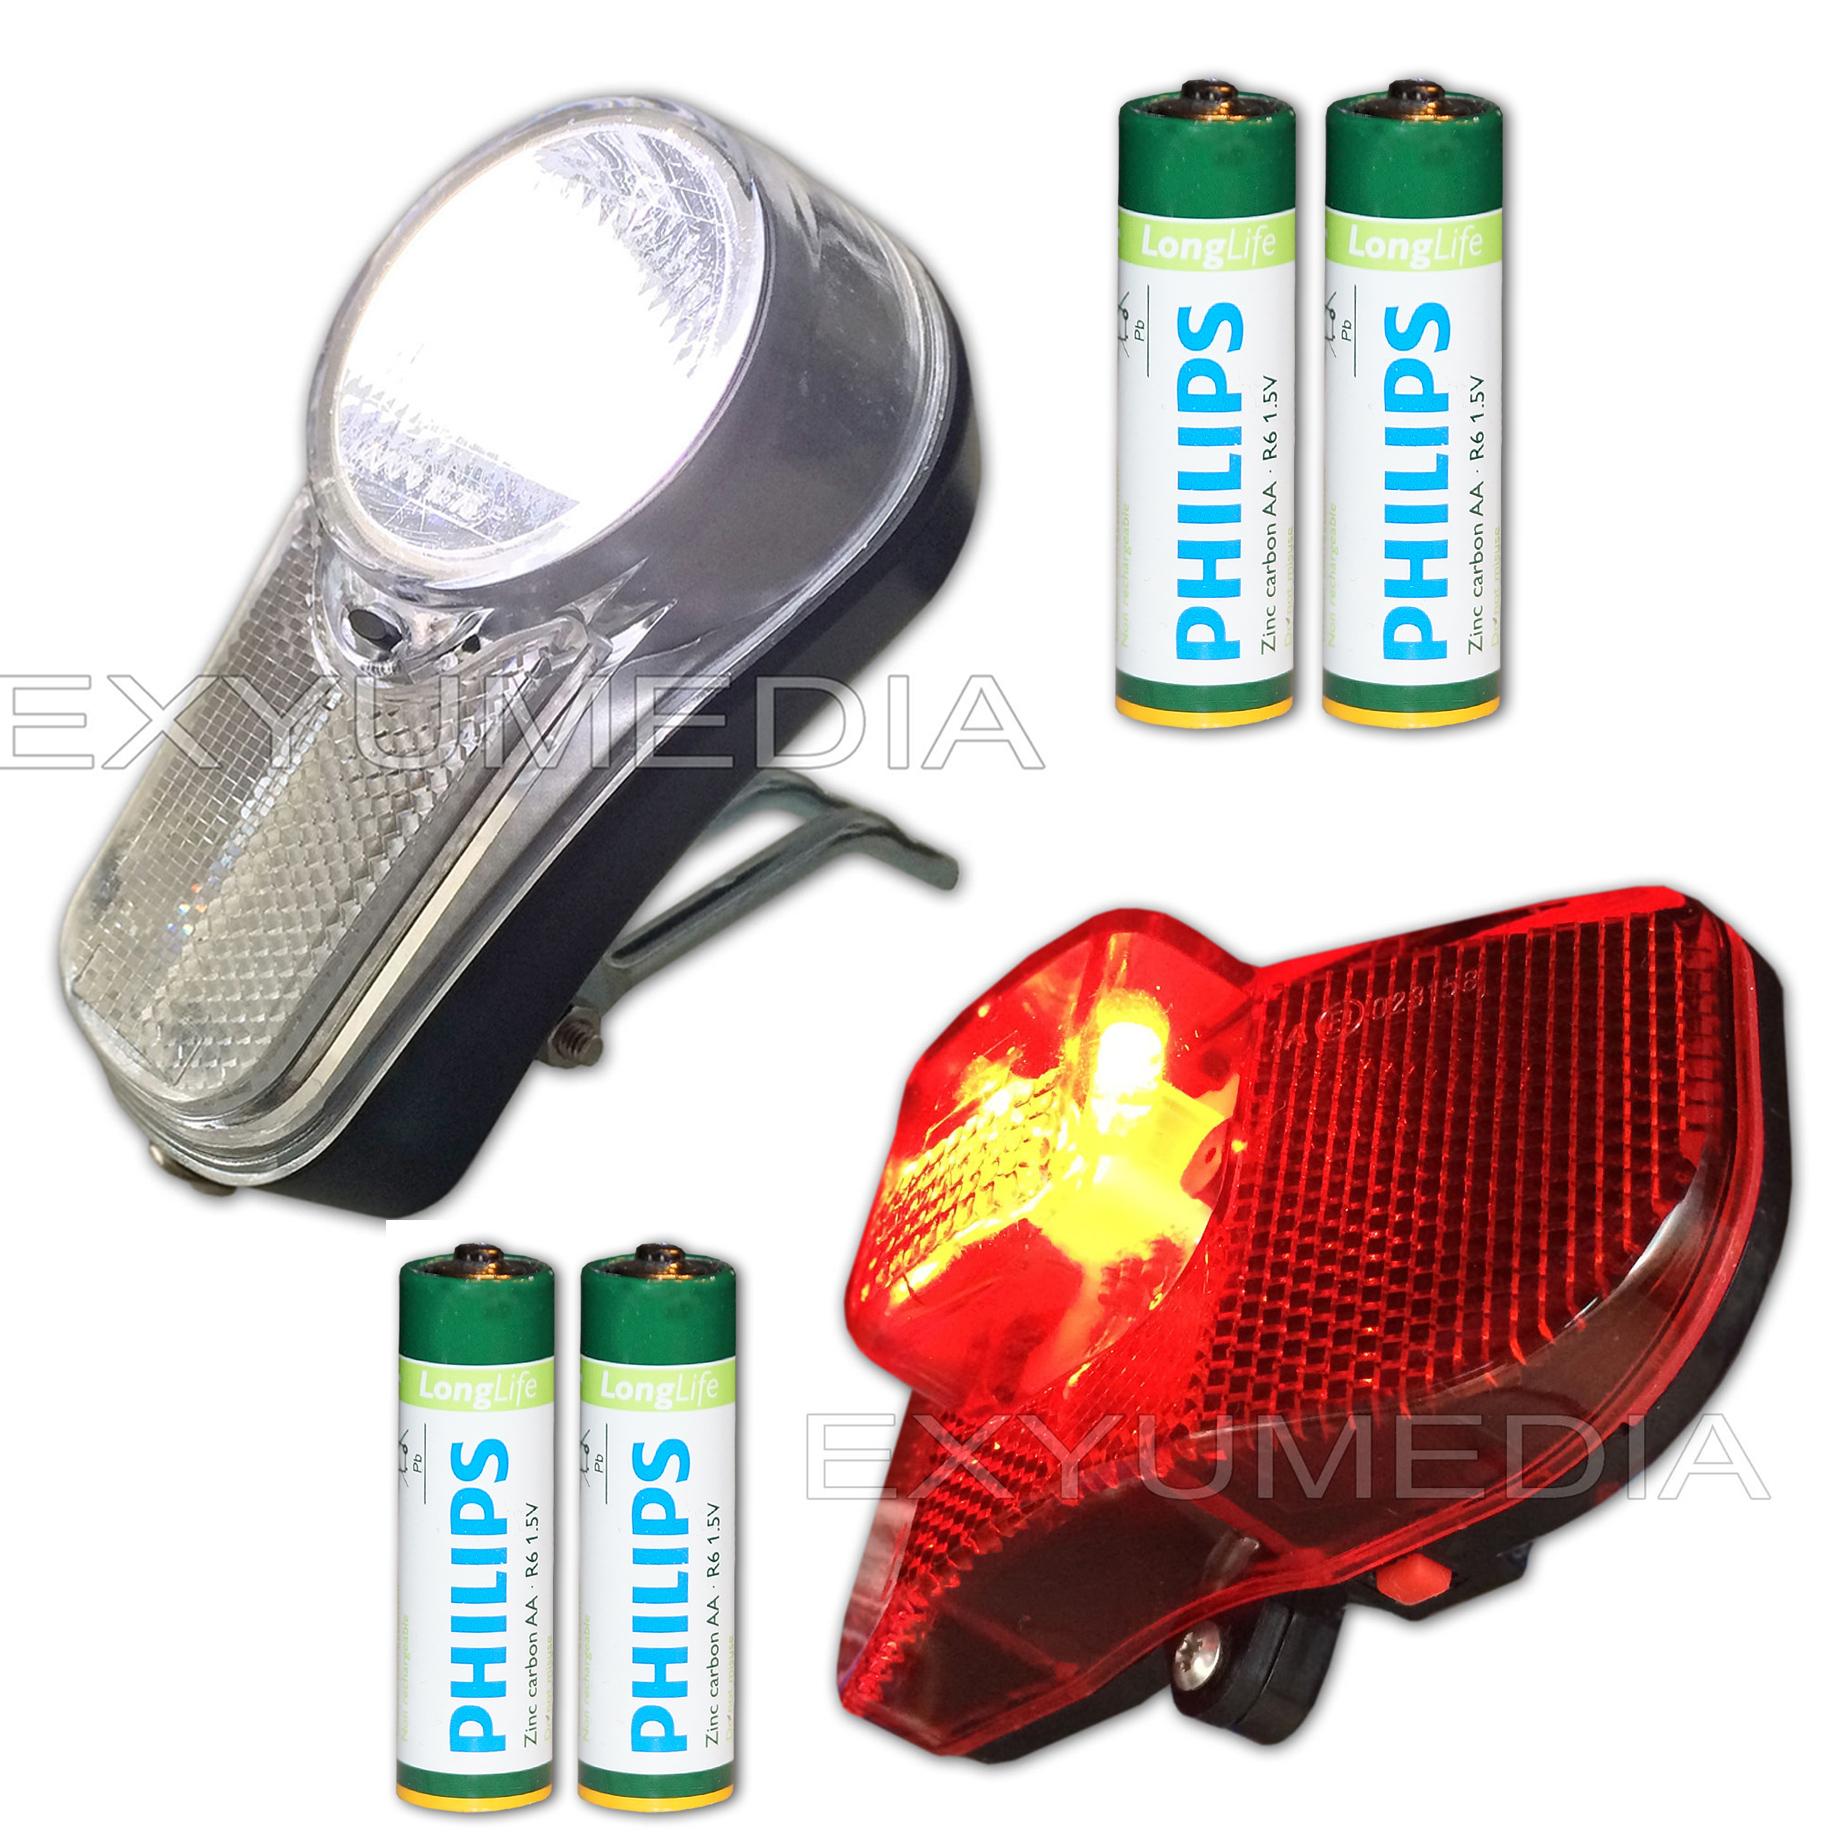 led fahrrad beleuchtung stvzo batterien scheinwerfer r ckleuchte fahrradlampe ebay. Black Bedroom Furniture Sets. Home Design Ideas